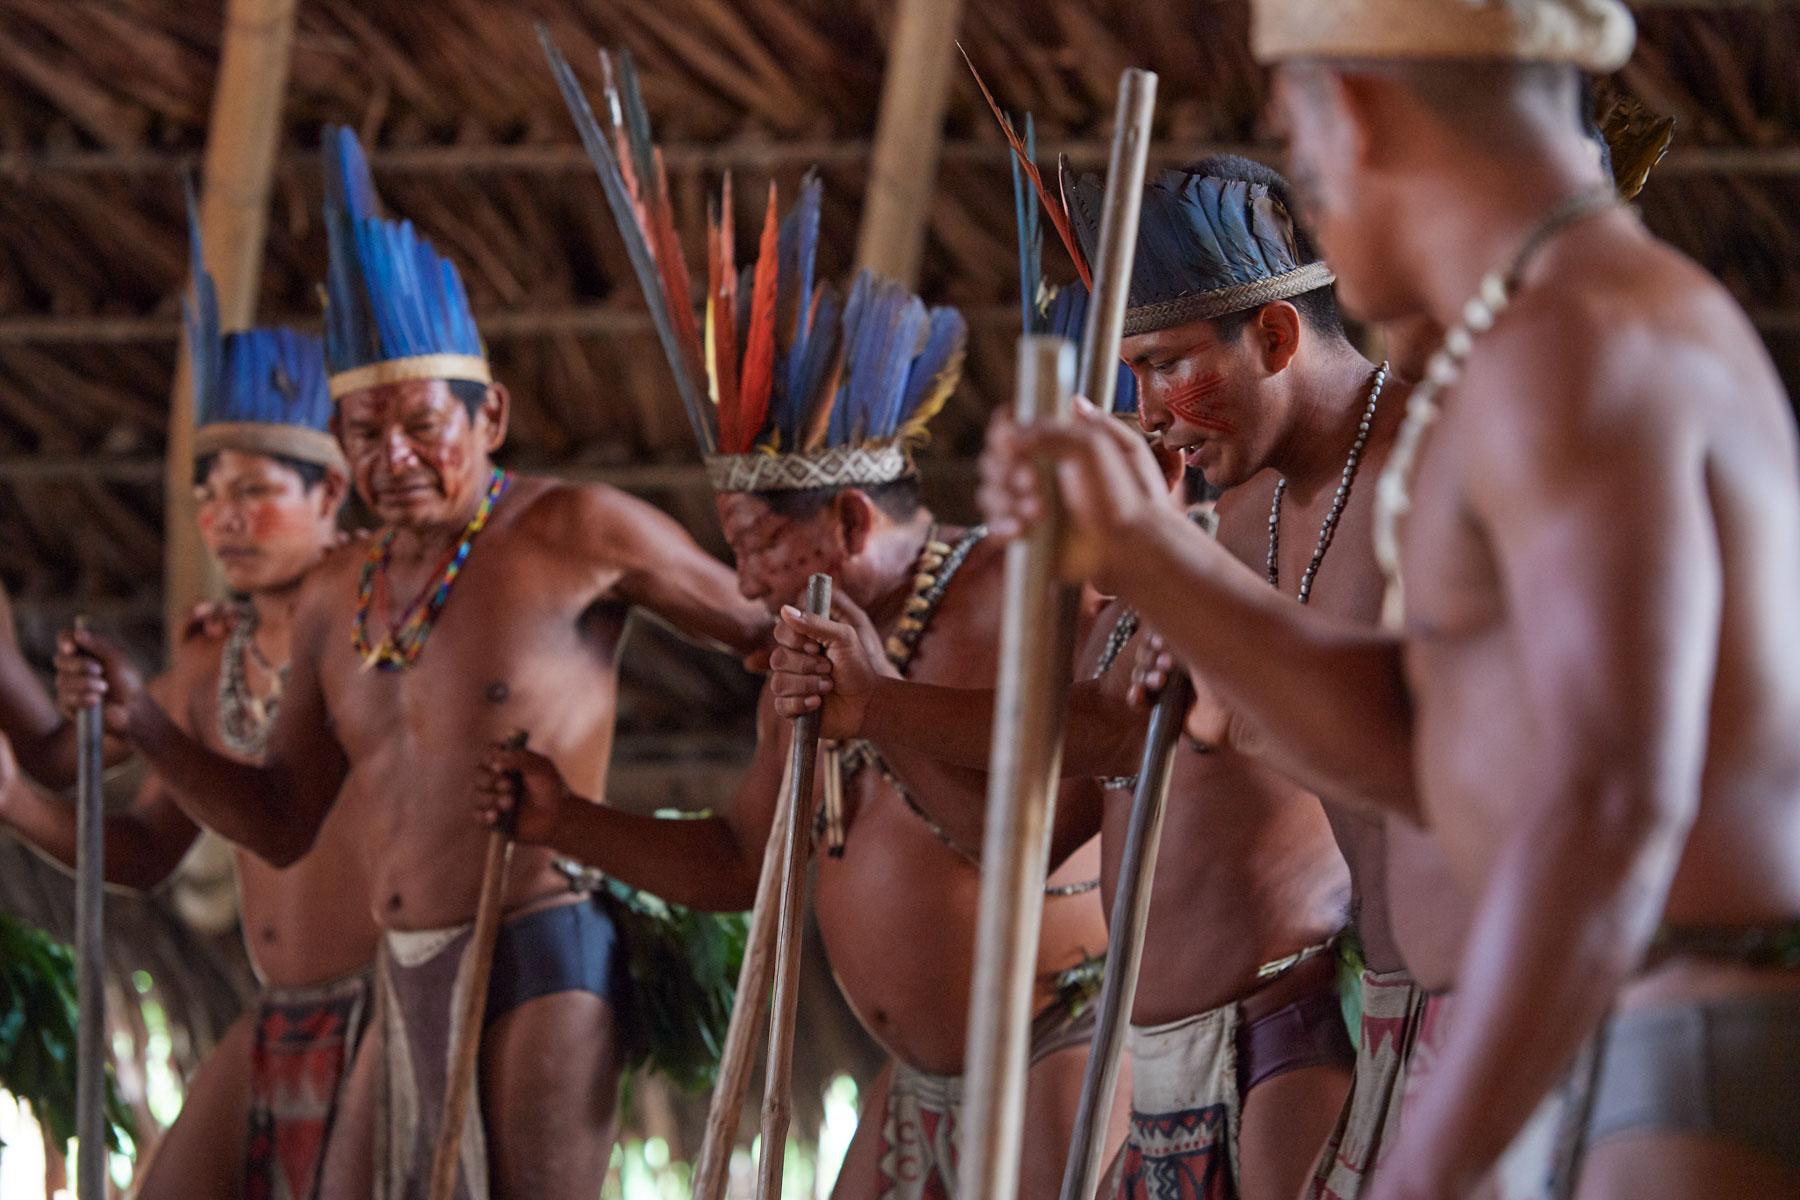 Bild indogener Völker mit Kopfschmuck und Bemalung beim Tanz